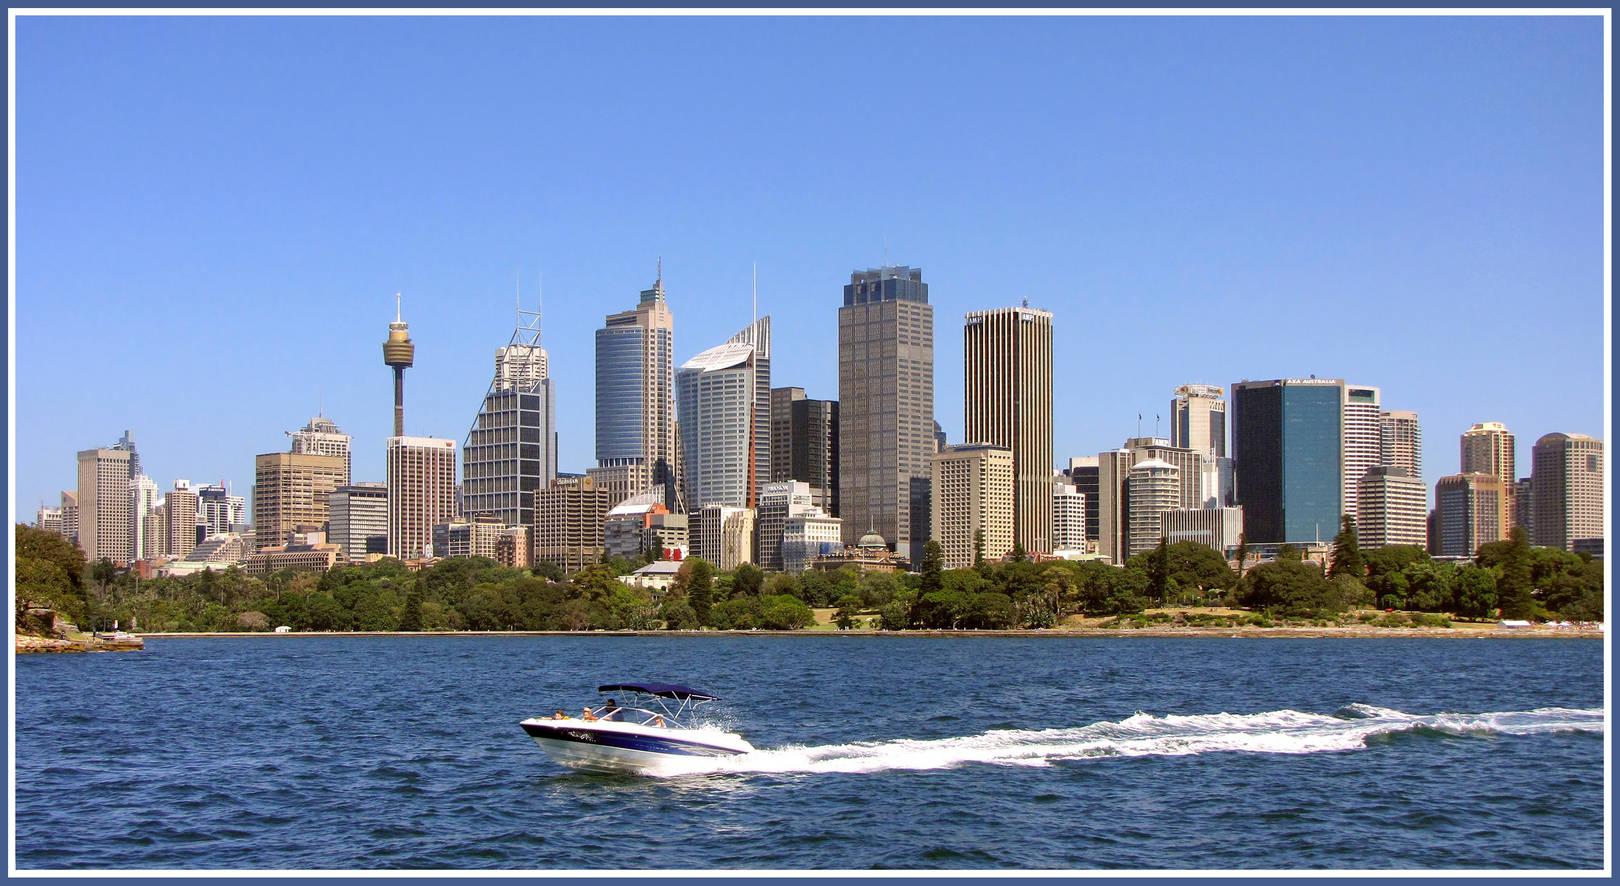 Городские виды (City view)